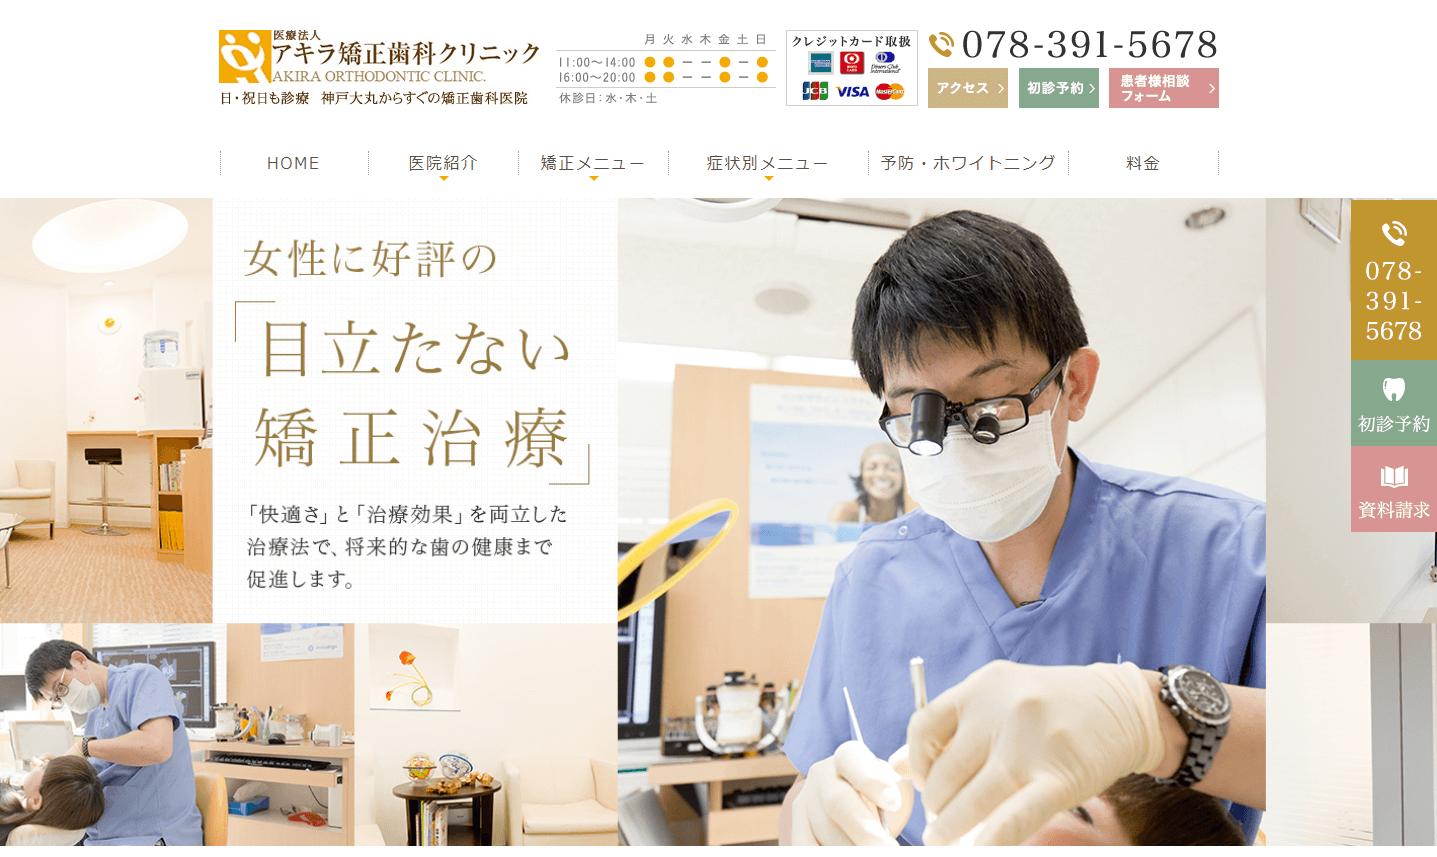 アキラ矯正歯科クリニック